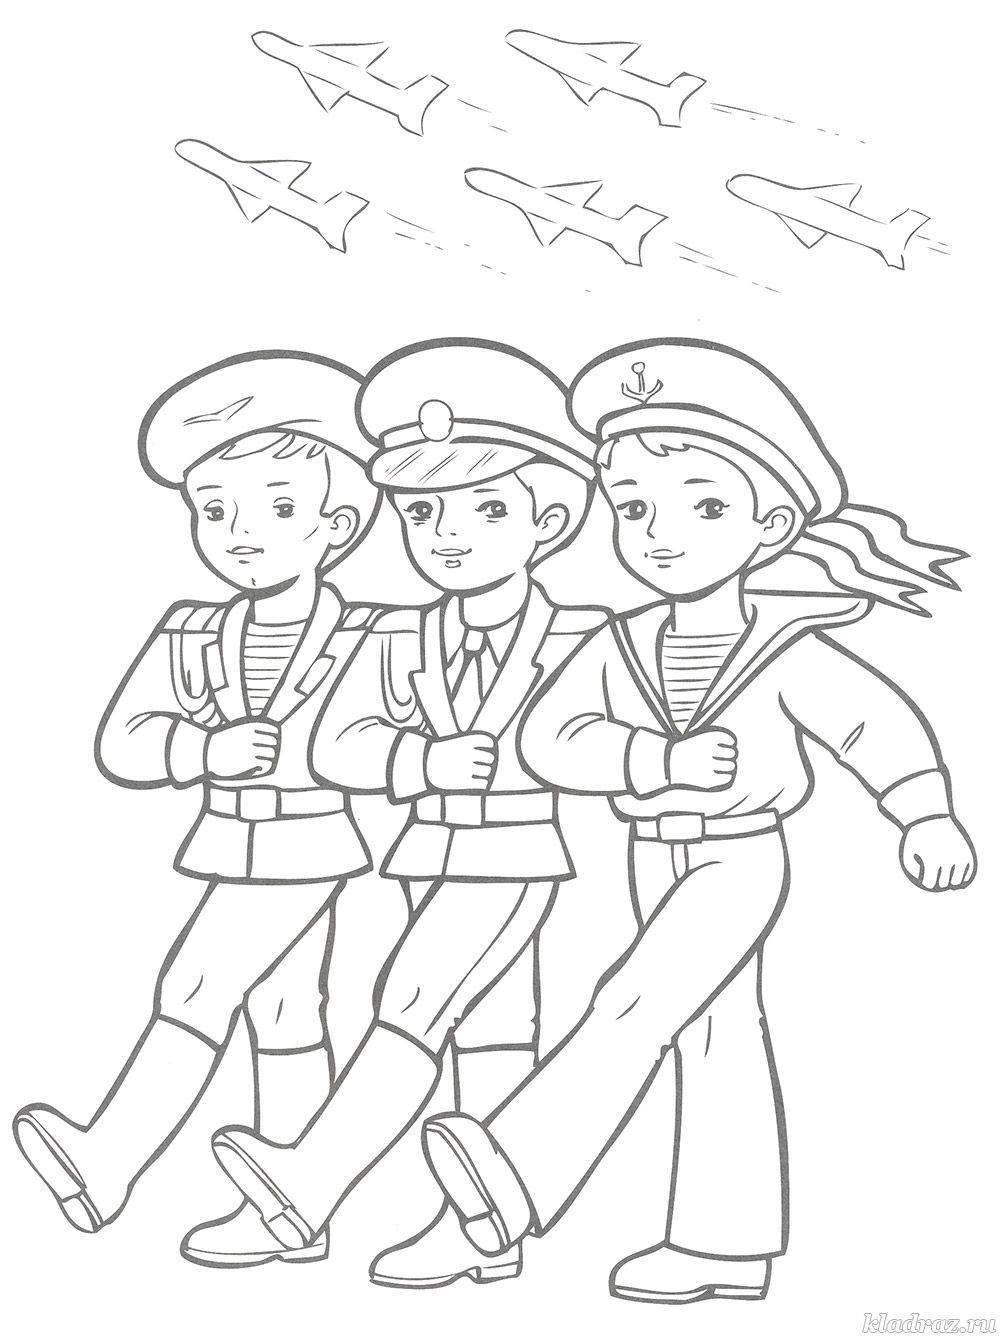 Раскраска. 23 февраля – День защитника Отечества